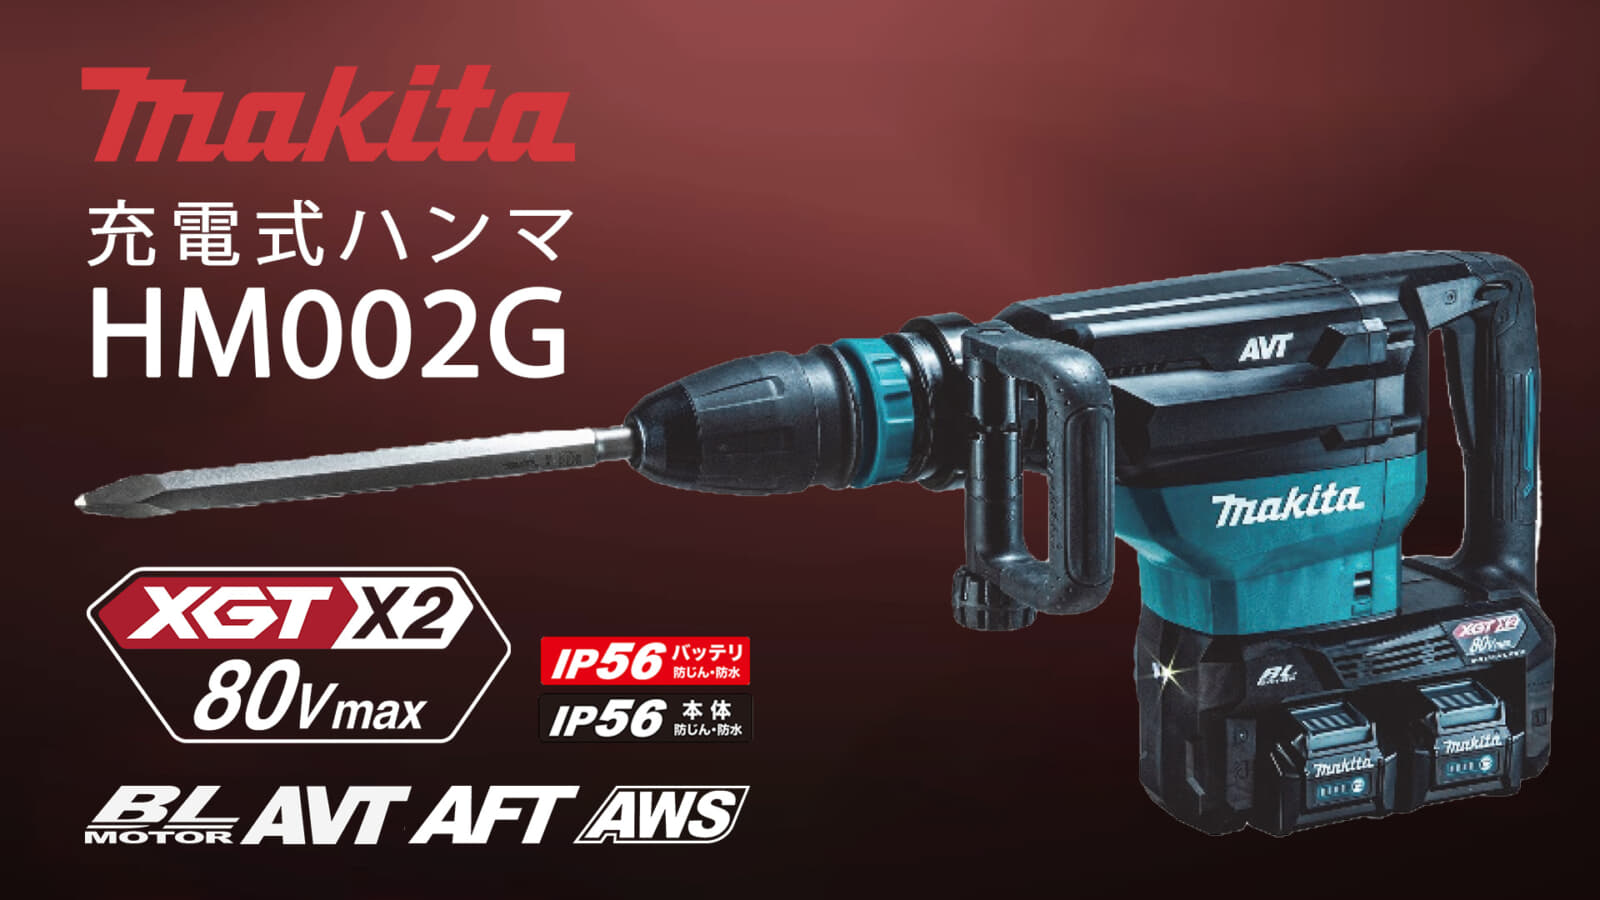 マキタ HM002G 充電式ハンマを発売、ACを凌駕する80Vmaxシリーズが始動!